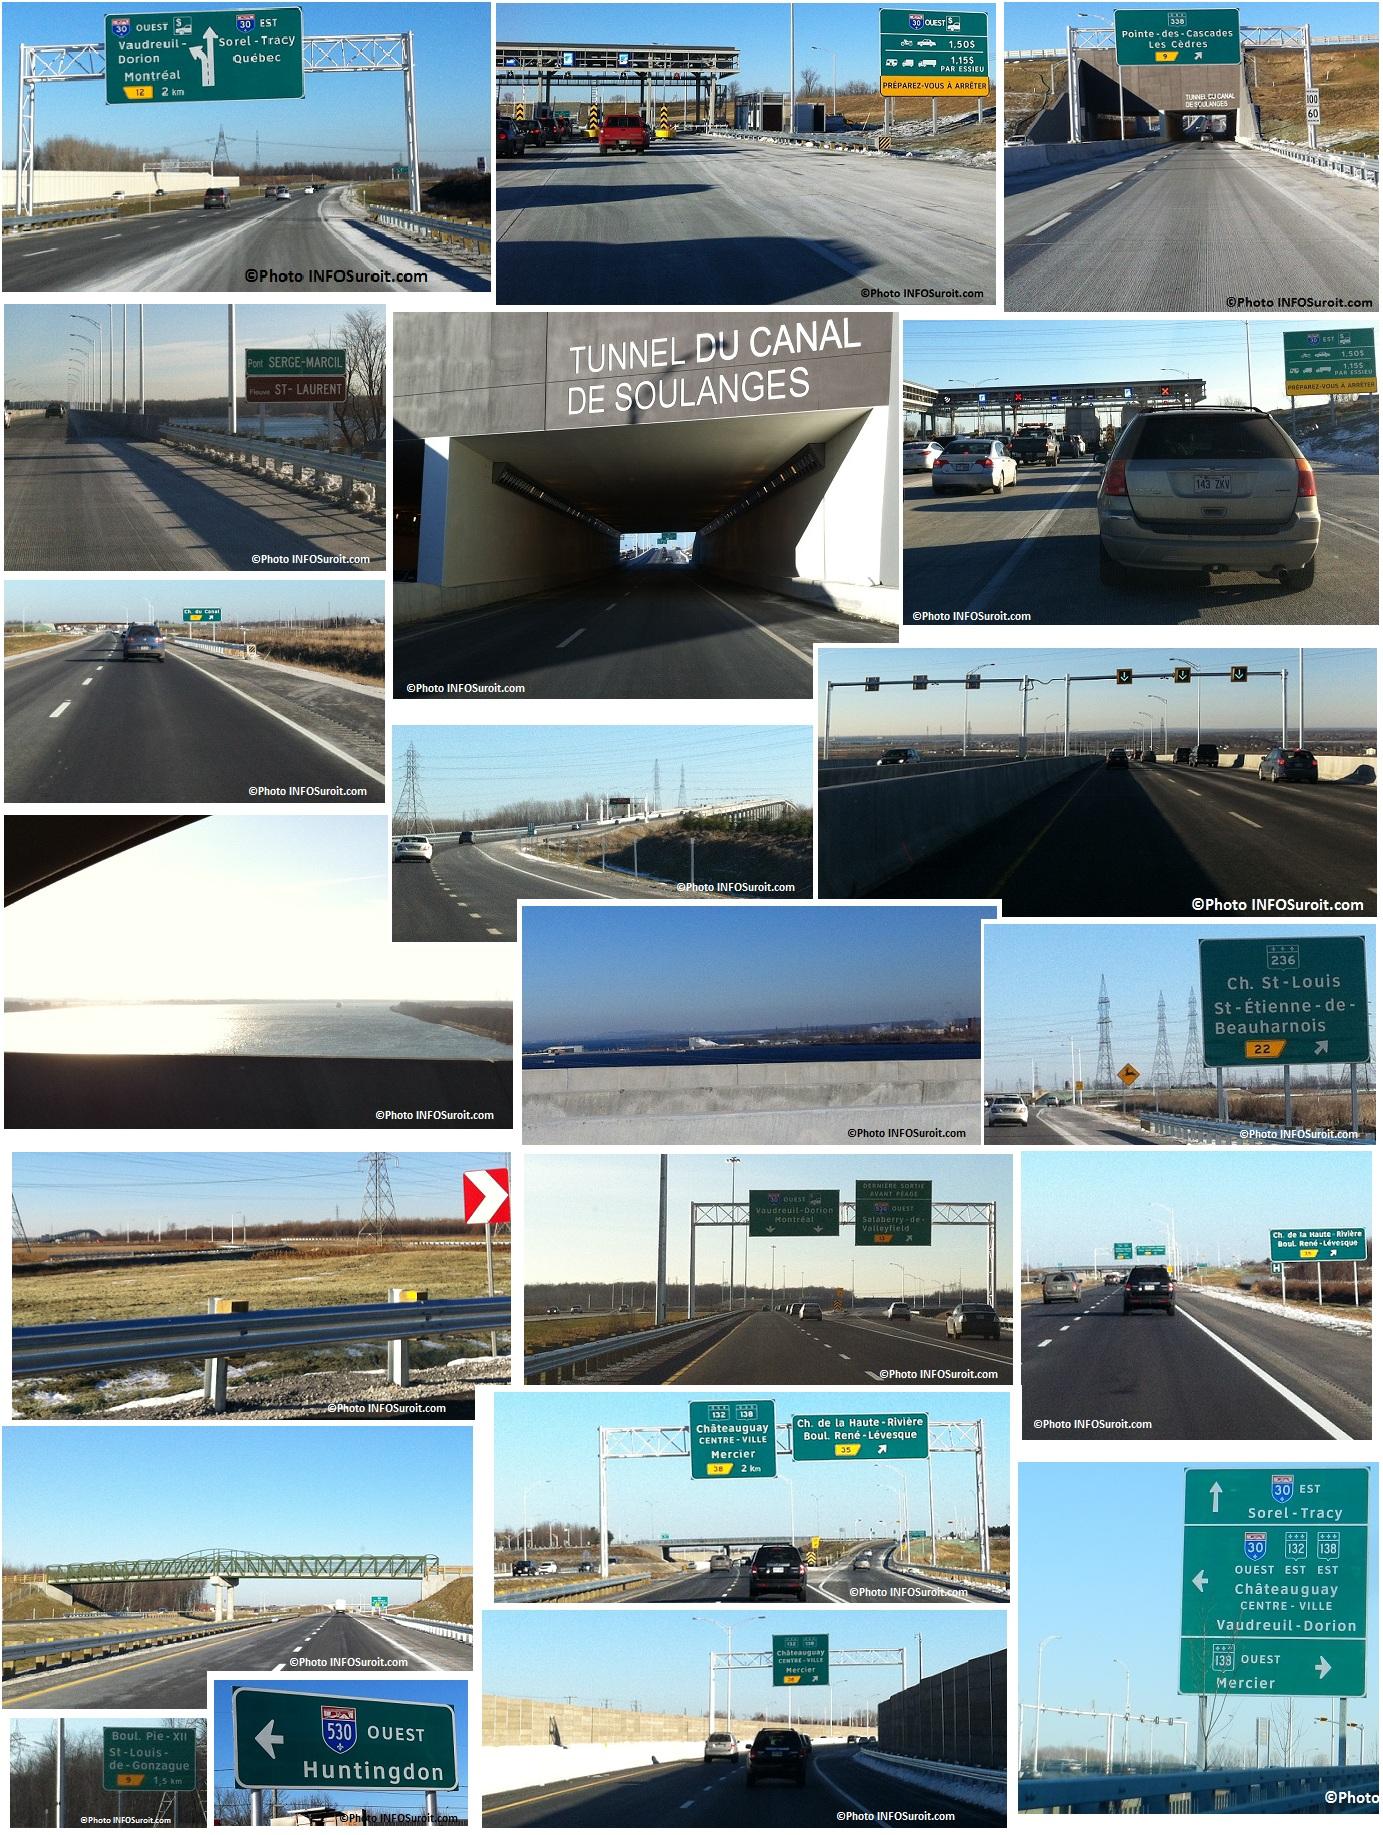 Autoroute-30-Les-Cedres-peage-ponts-Chateauguay-signalisation-Vaudreuil-Dorion-Montage-photos-INFOSuroit_com_